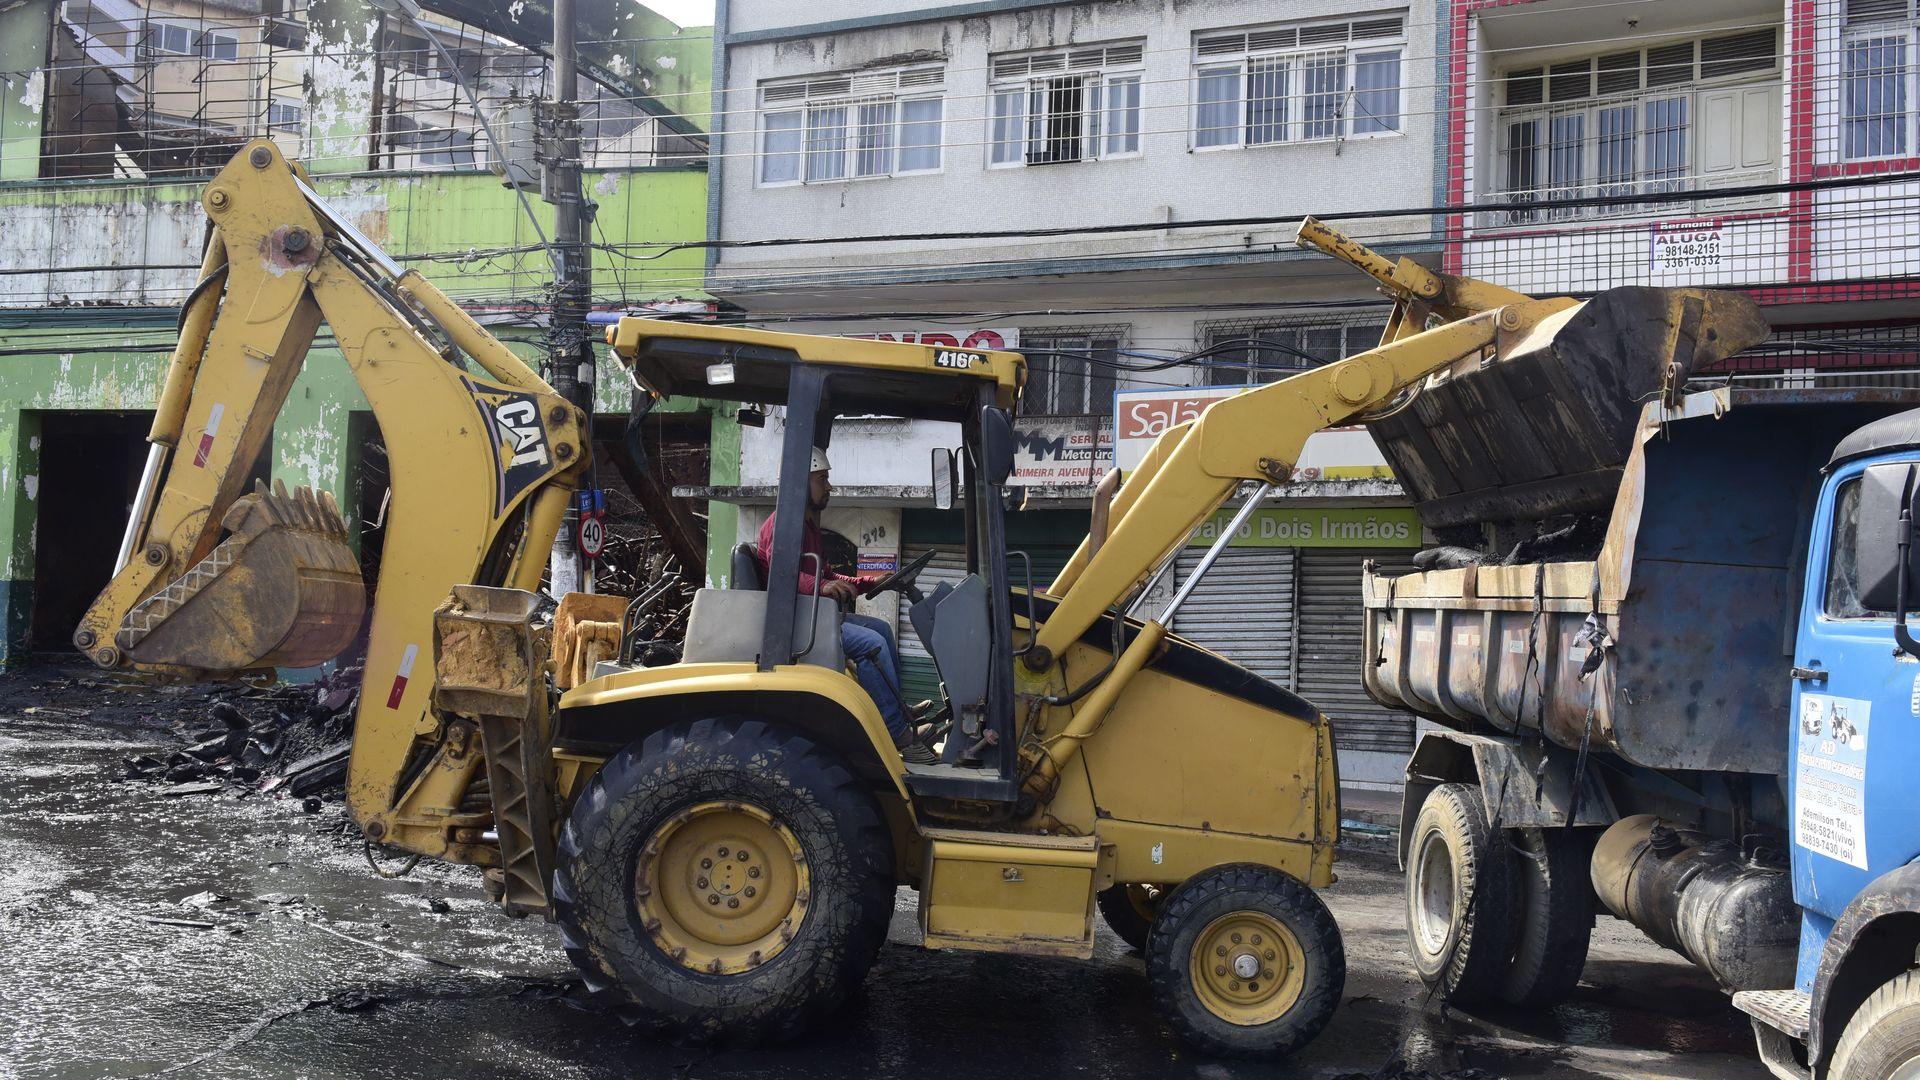 Data: 23/09/2019 - ES - Vitória - Incêndio que destruiu o depósito da loja Alves e couros na Vila Rubim - Lojas foram interditadas nas imediações de onde aconteceu o incêndio, na Vila Rubim - Na foto, trator e caminhão iniciaram limpeza do local ontem, retirando escombros - Editoria: Cidades - Foto: Ricardo Medeiros - GZ